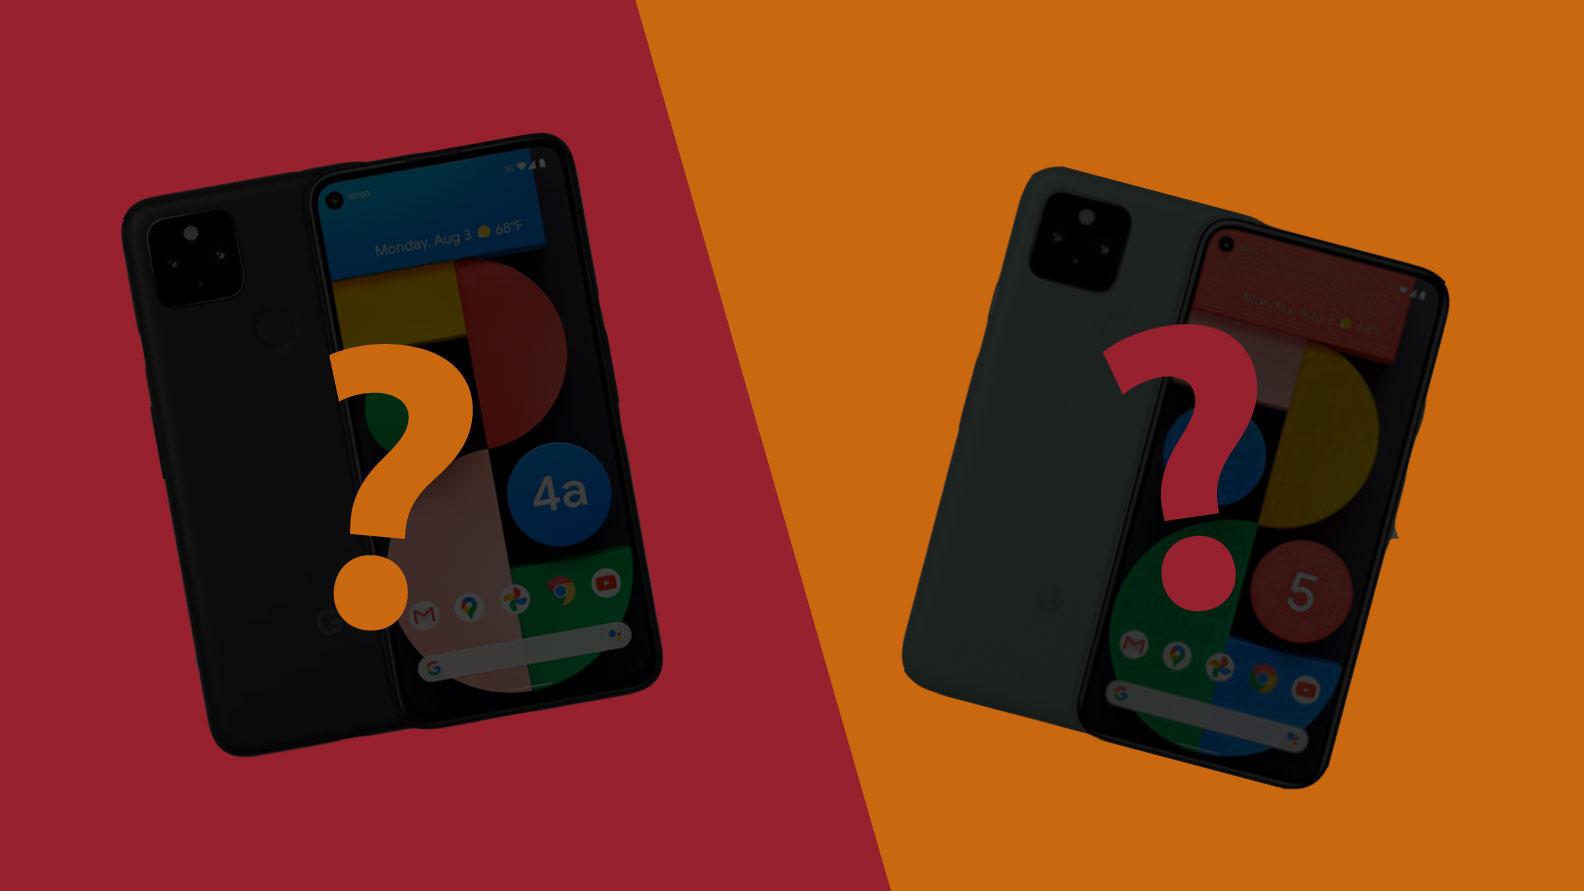 Google Pixel 5a vs Pixel 6